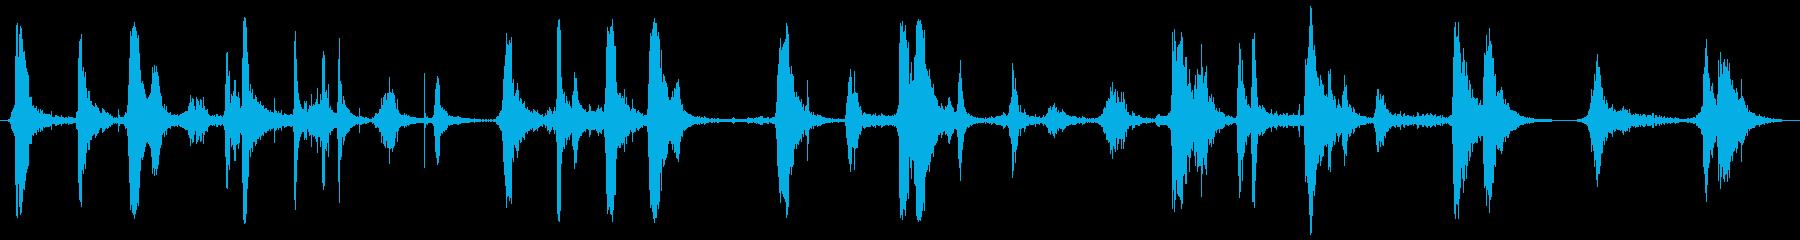 弾丸ホイップバイ、ショート、フォリーの再生済みの波形